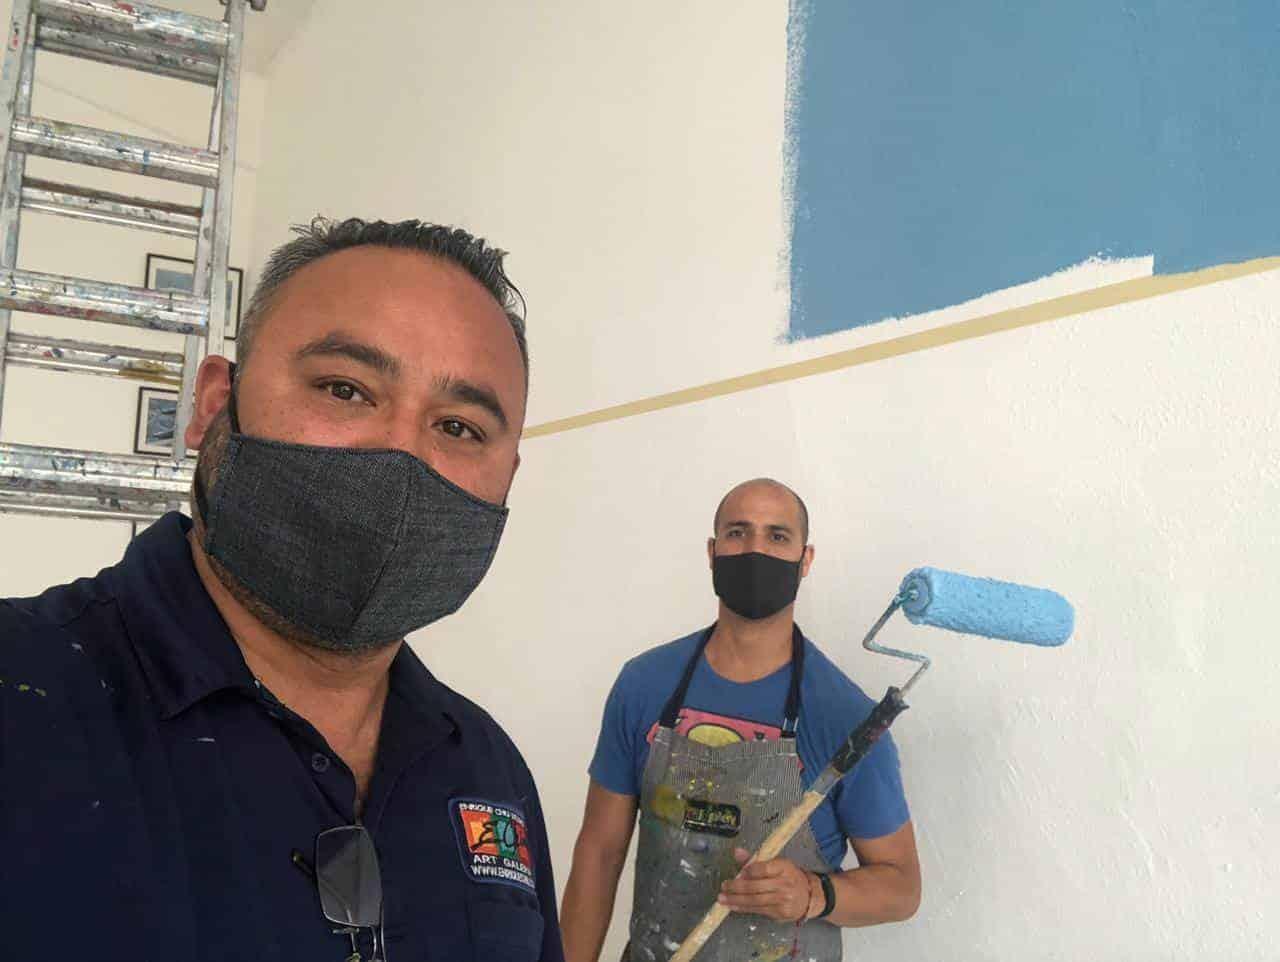 El artista Enrique Chiu se encuentra pintando mural en las instalaciones de la Fuerza Aérea Mexicana